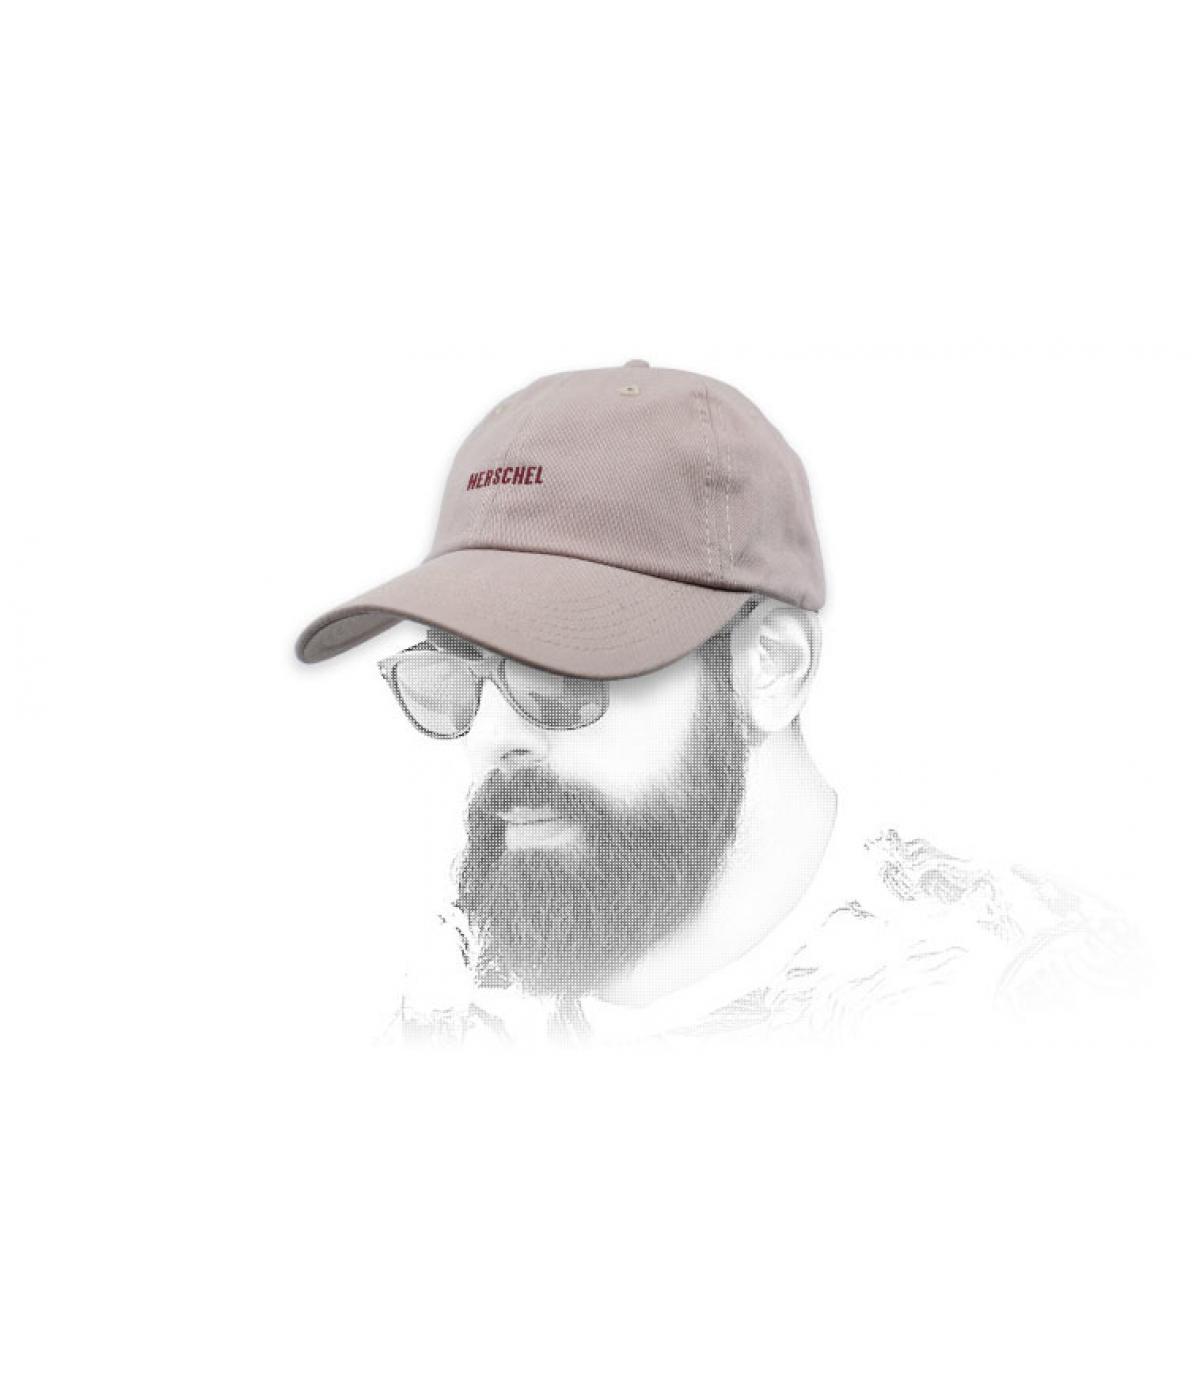 pink Herschel cap